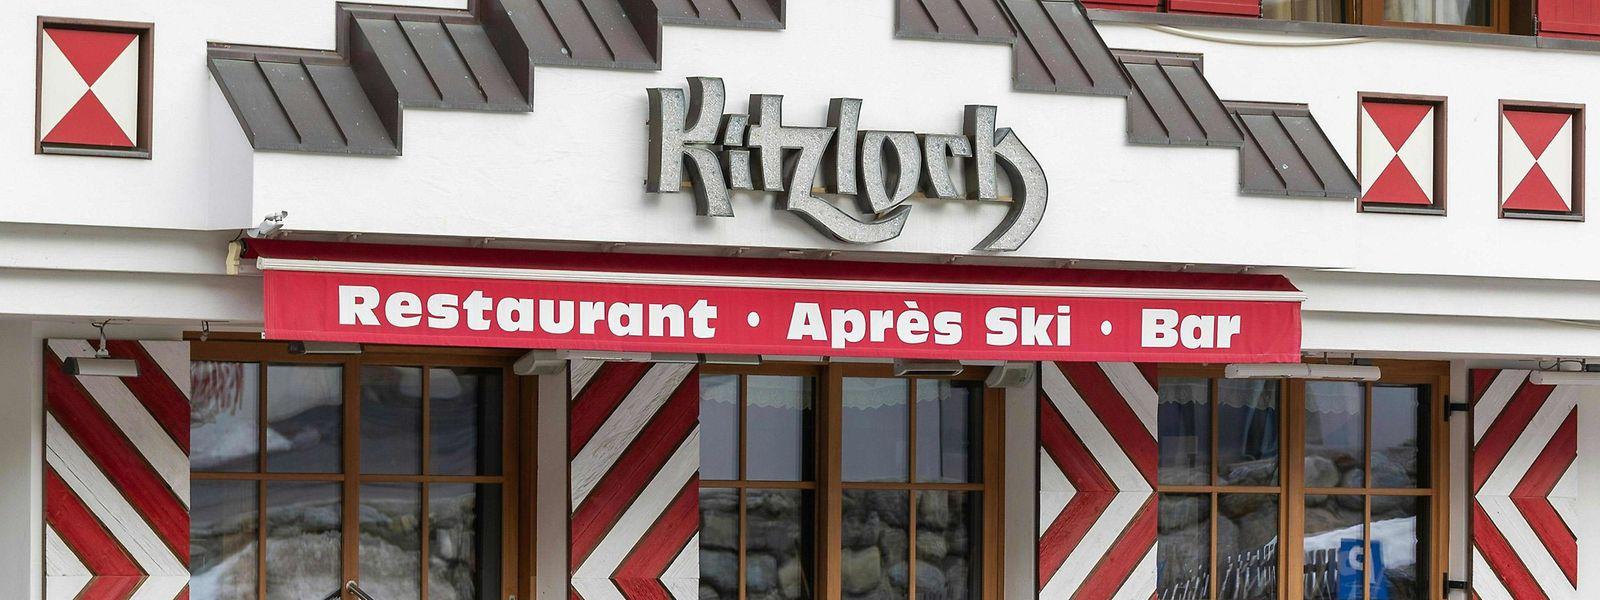 """Am 9. März wurde die Bar """"Kitzloch"""" in Ischgl behördlich gesperrt."""